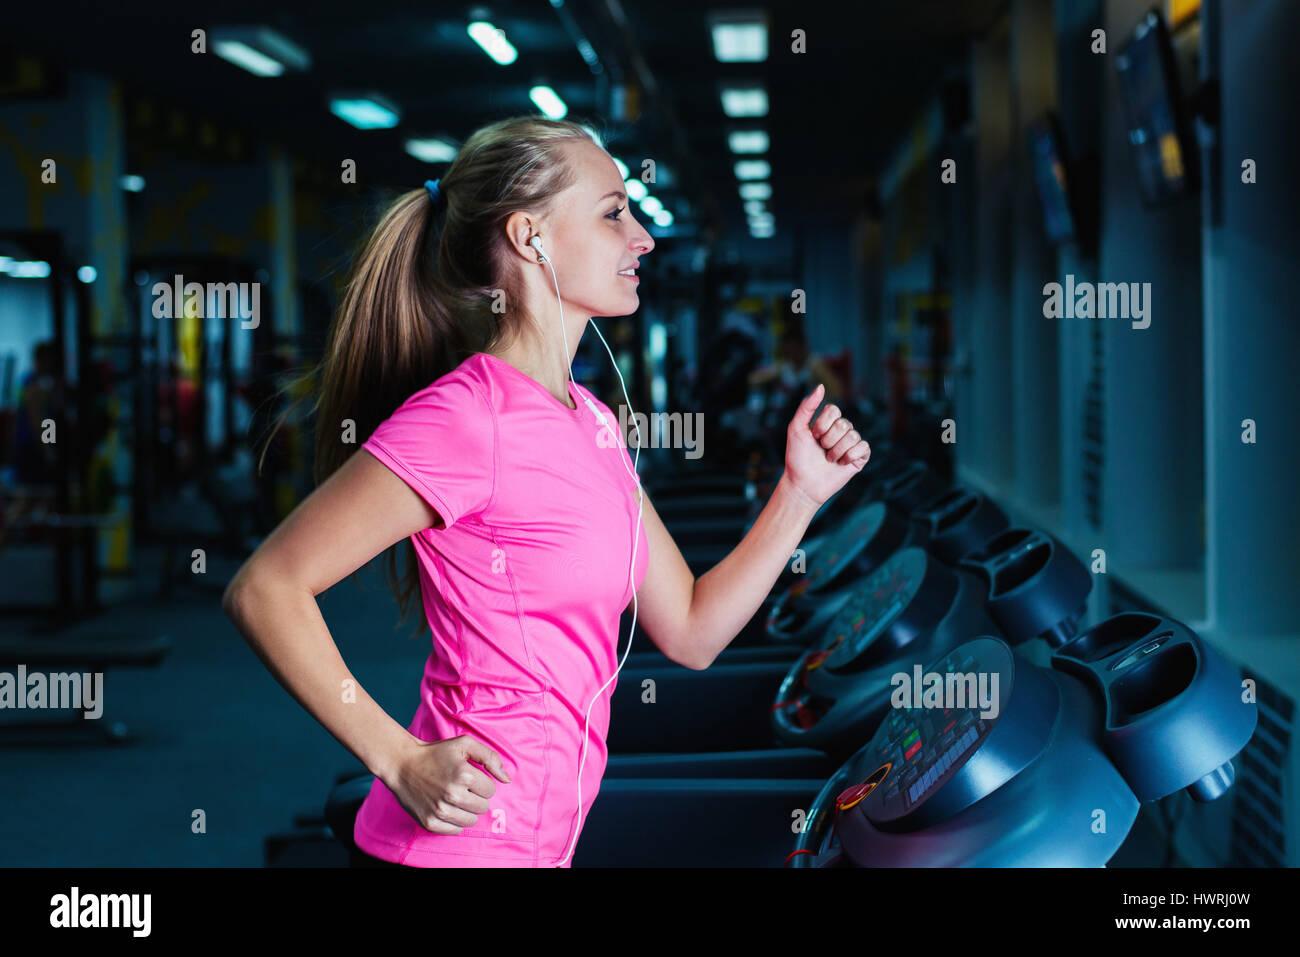 Pretty workout